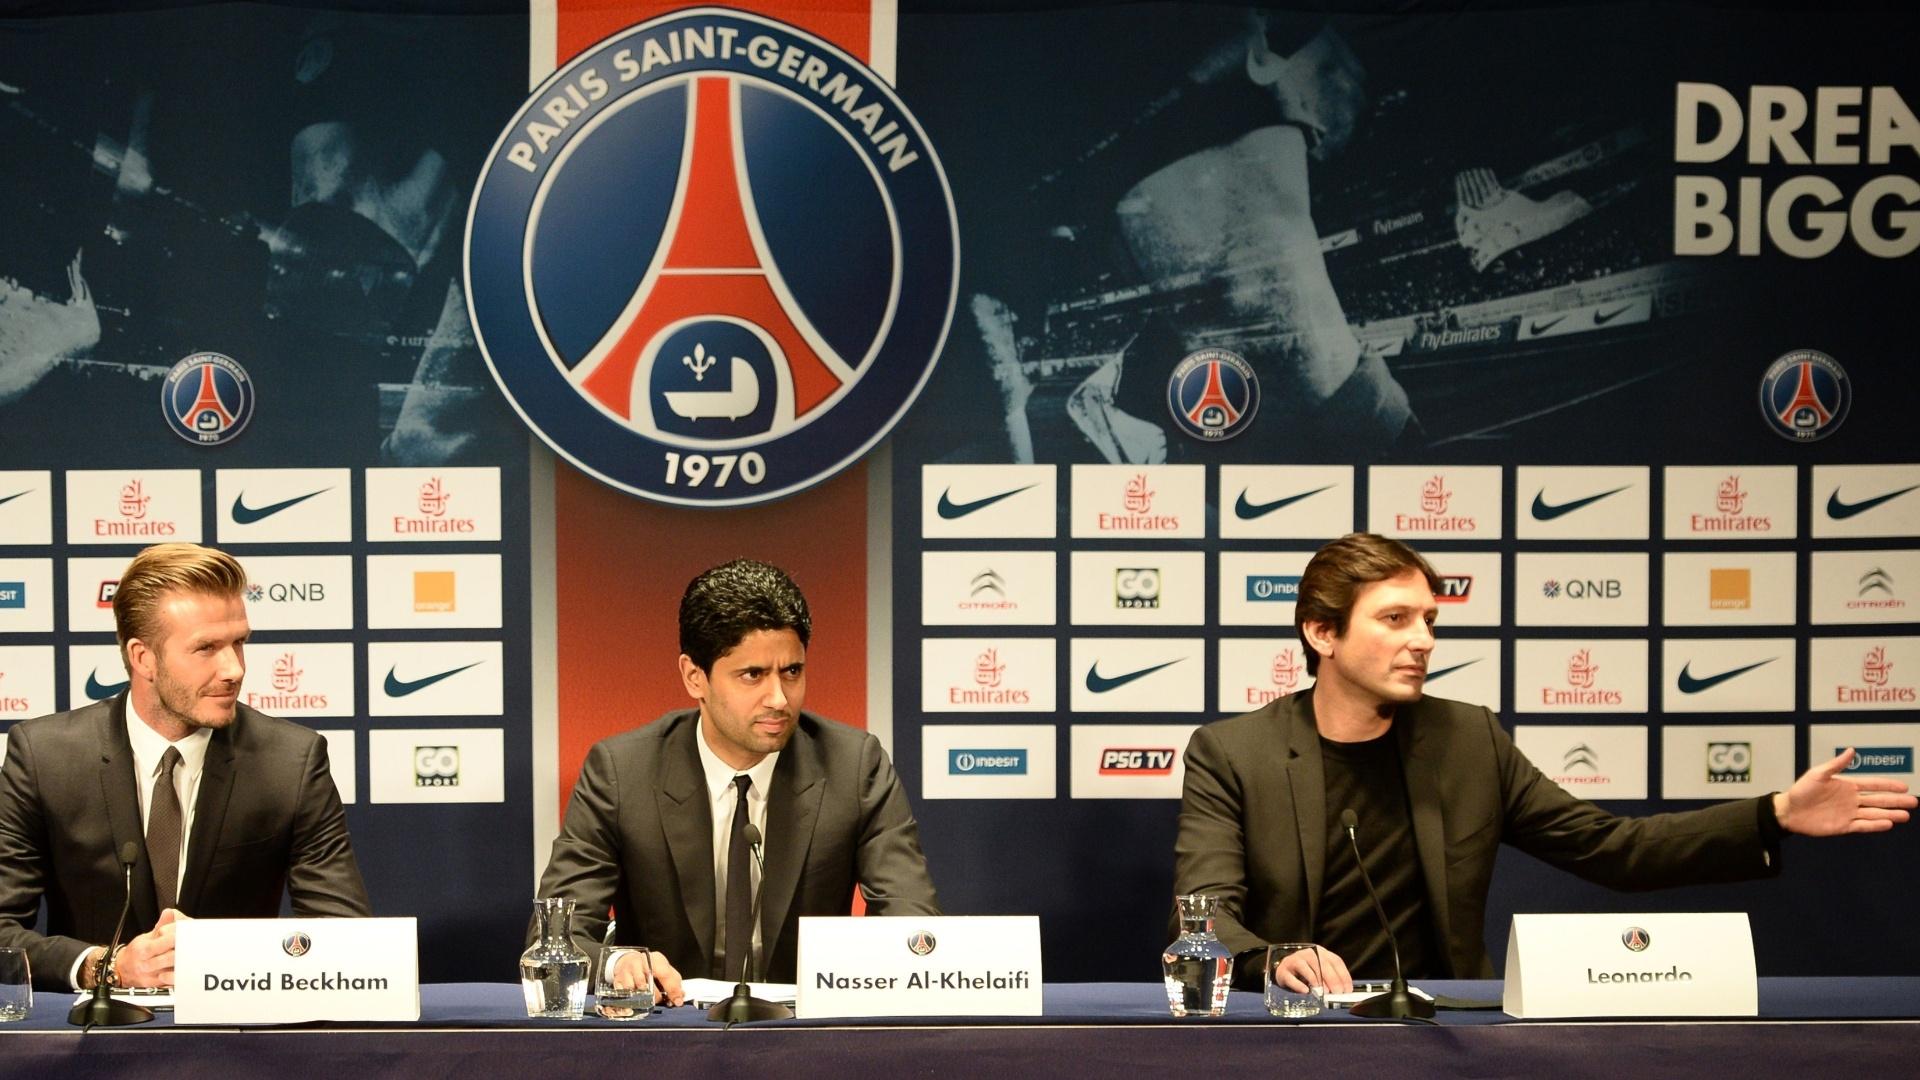 O presidente do PSG, Nasser Al-Khelaifi, e o diretor Leonardo recepcionaram Beckham no PSG